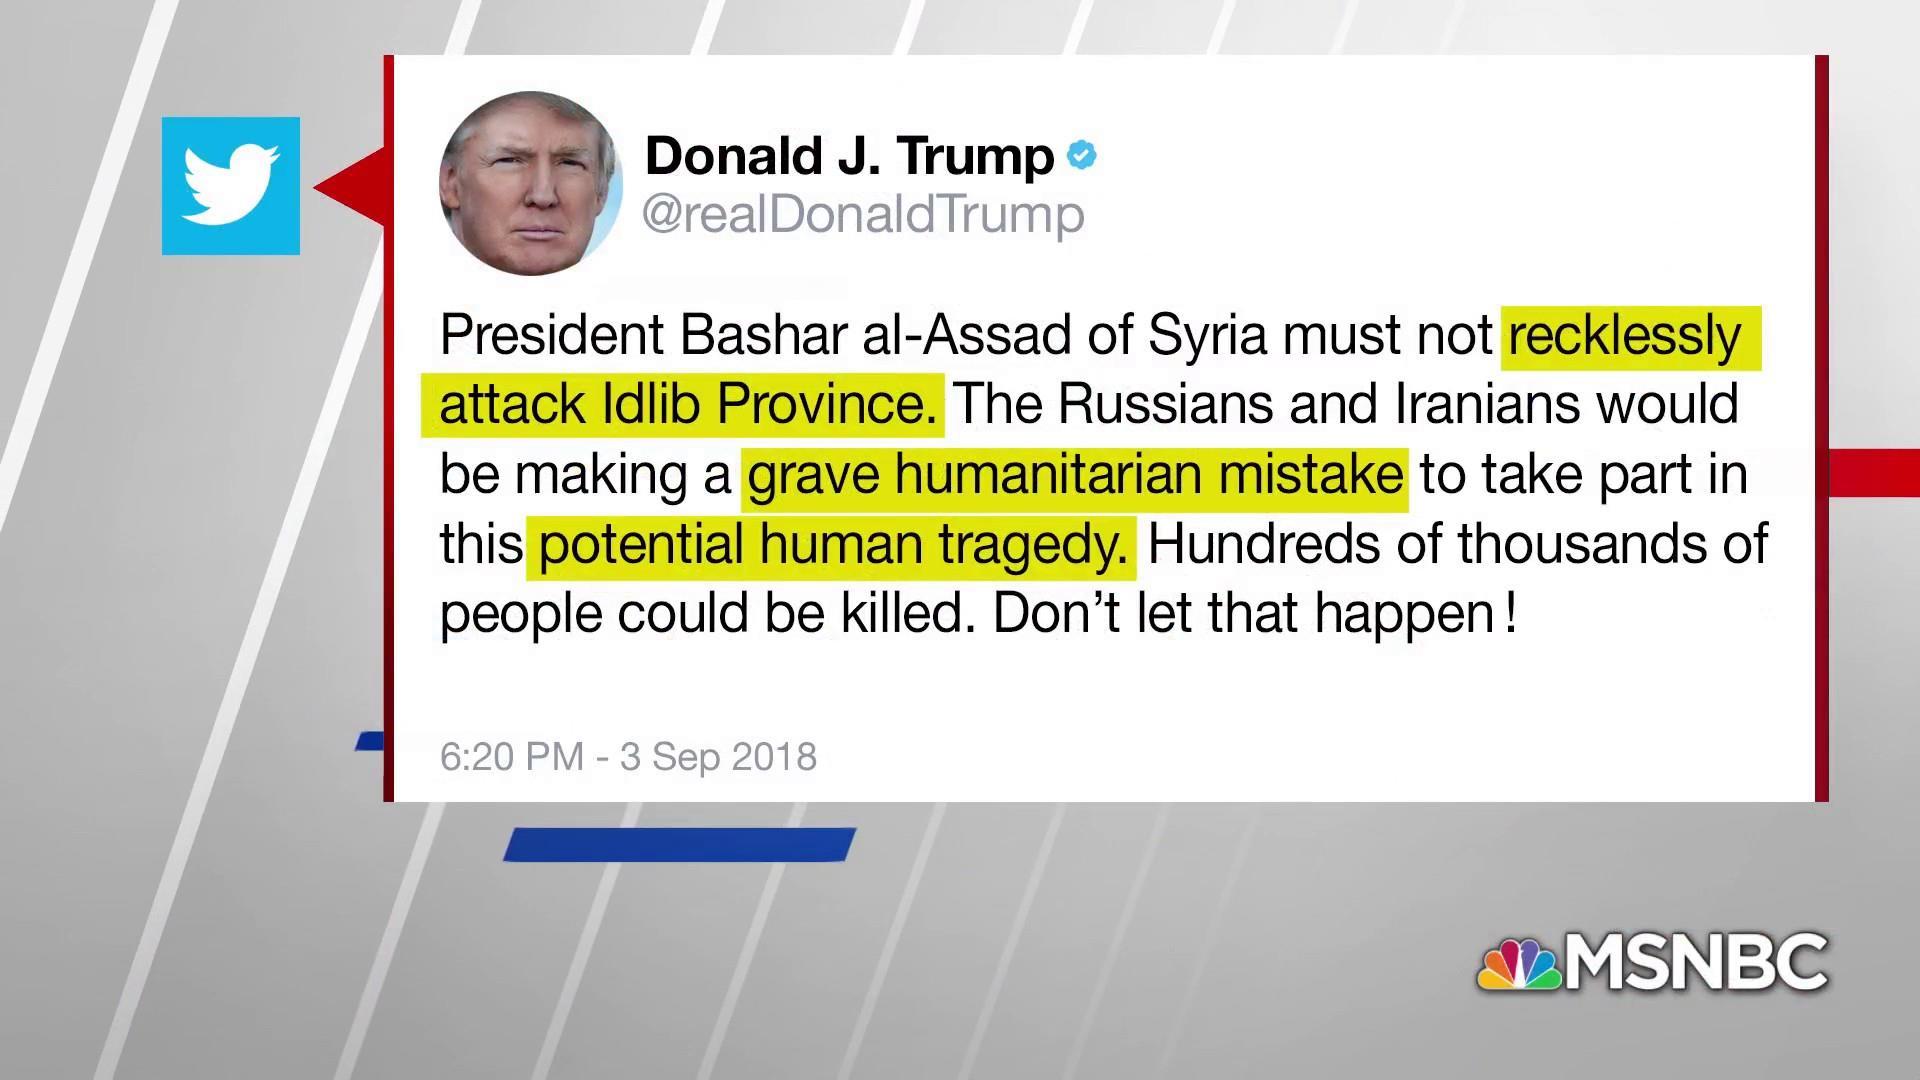 Trump warns Assad against attack on rebel base